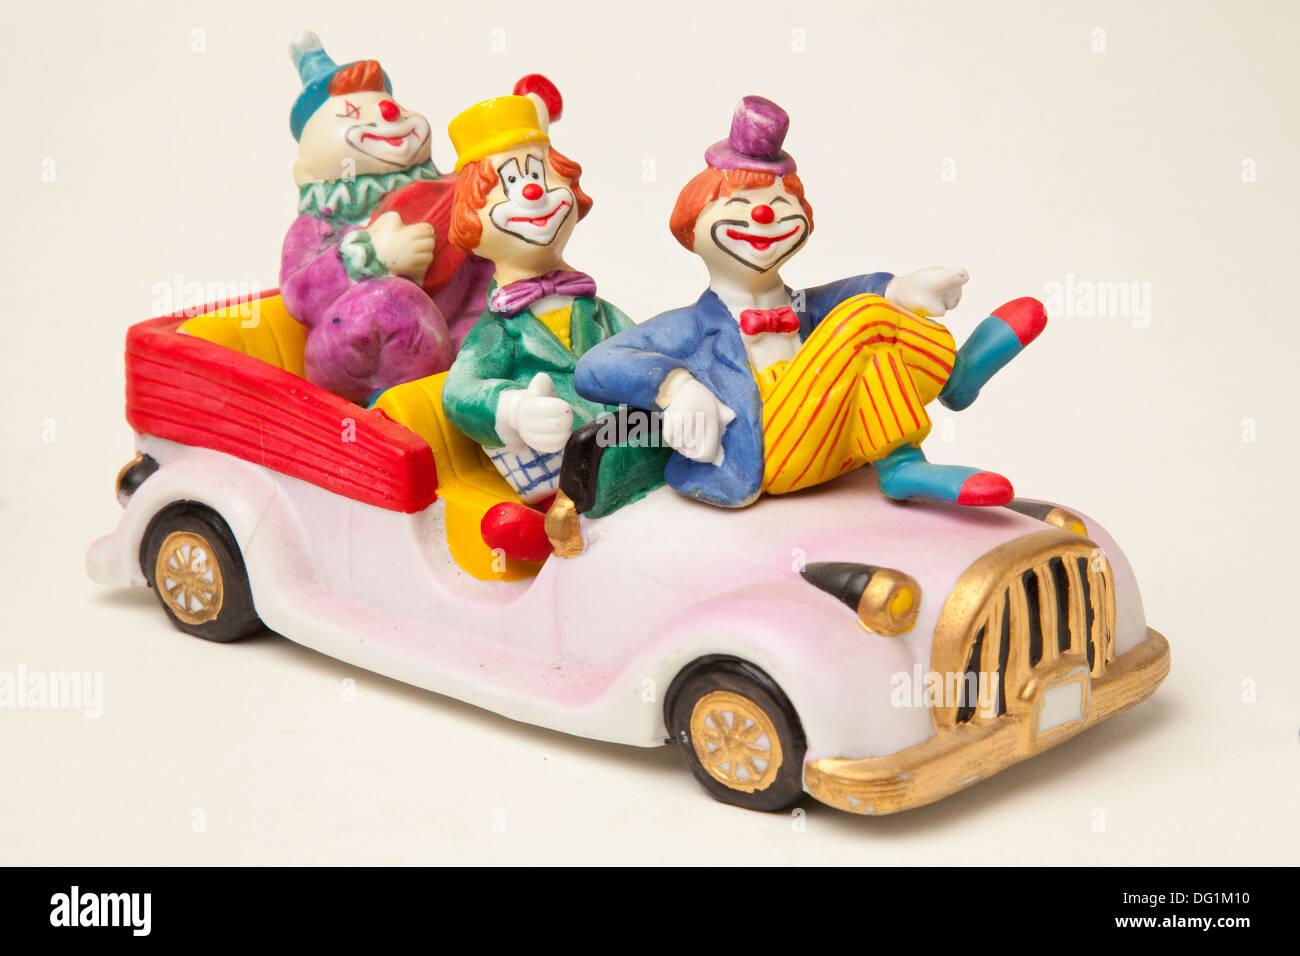 Clown Car Stock Photos Amp Clown Car Stock Images Alamy